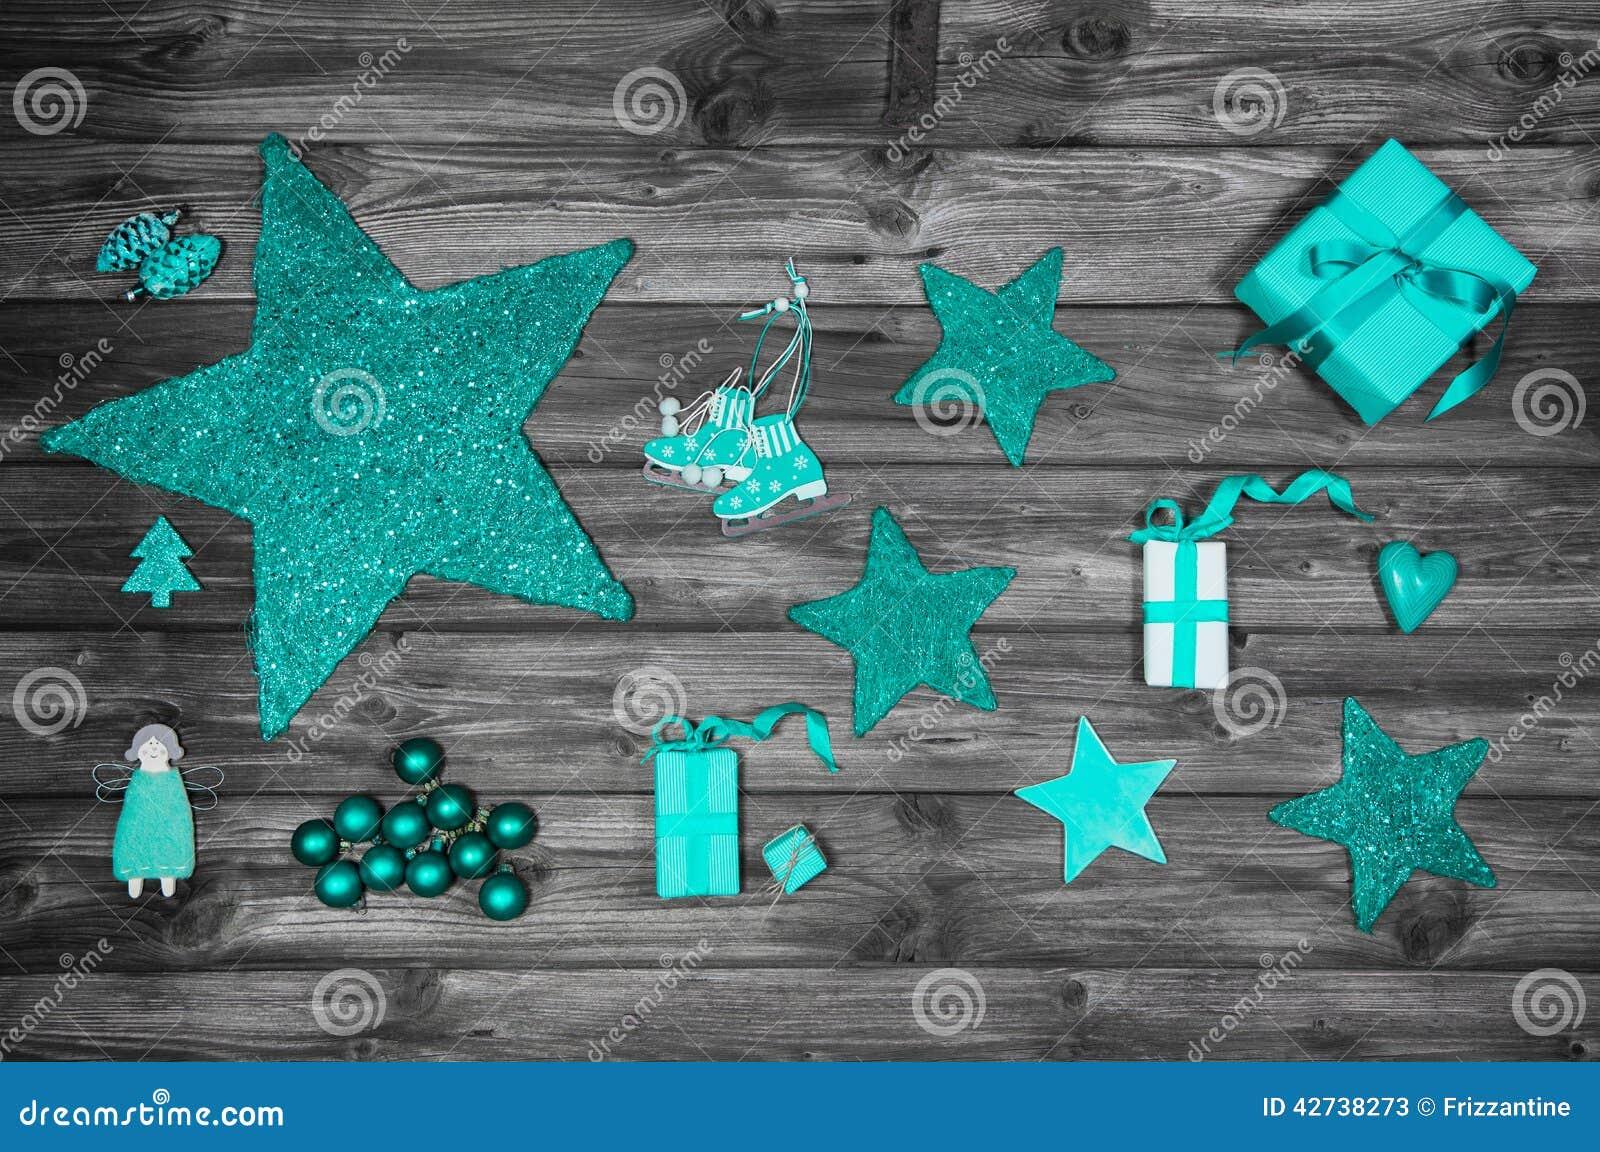 #1AB1AC Décoration De Noël Dans Des Couleurs De Turquoise Sur Le  6095 decoration de noel turquoise 1300x953 px @ aertt.com